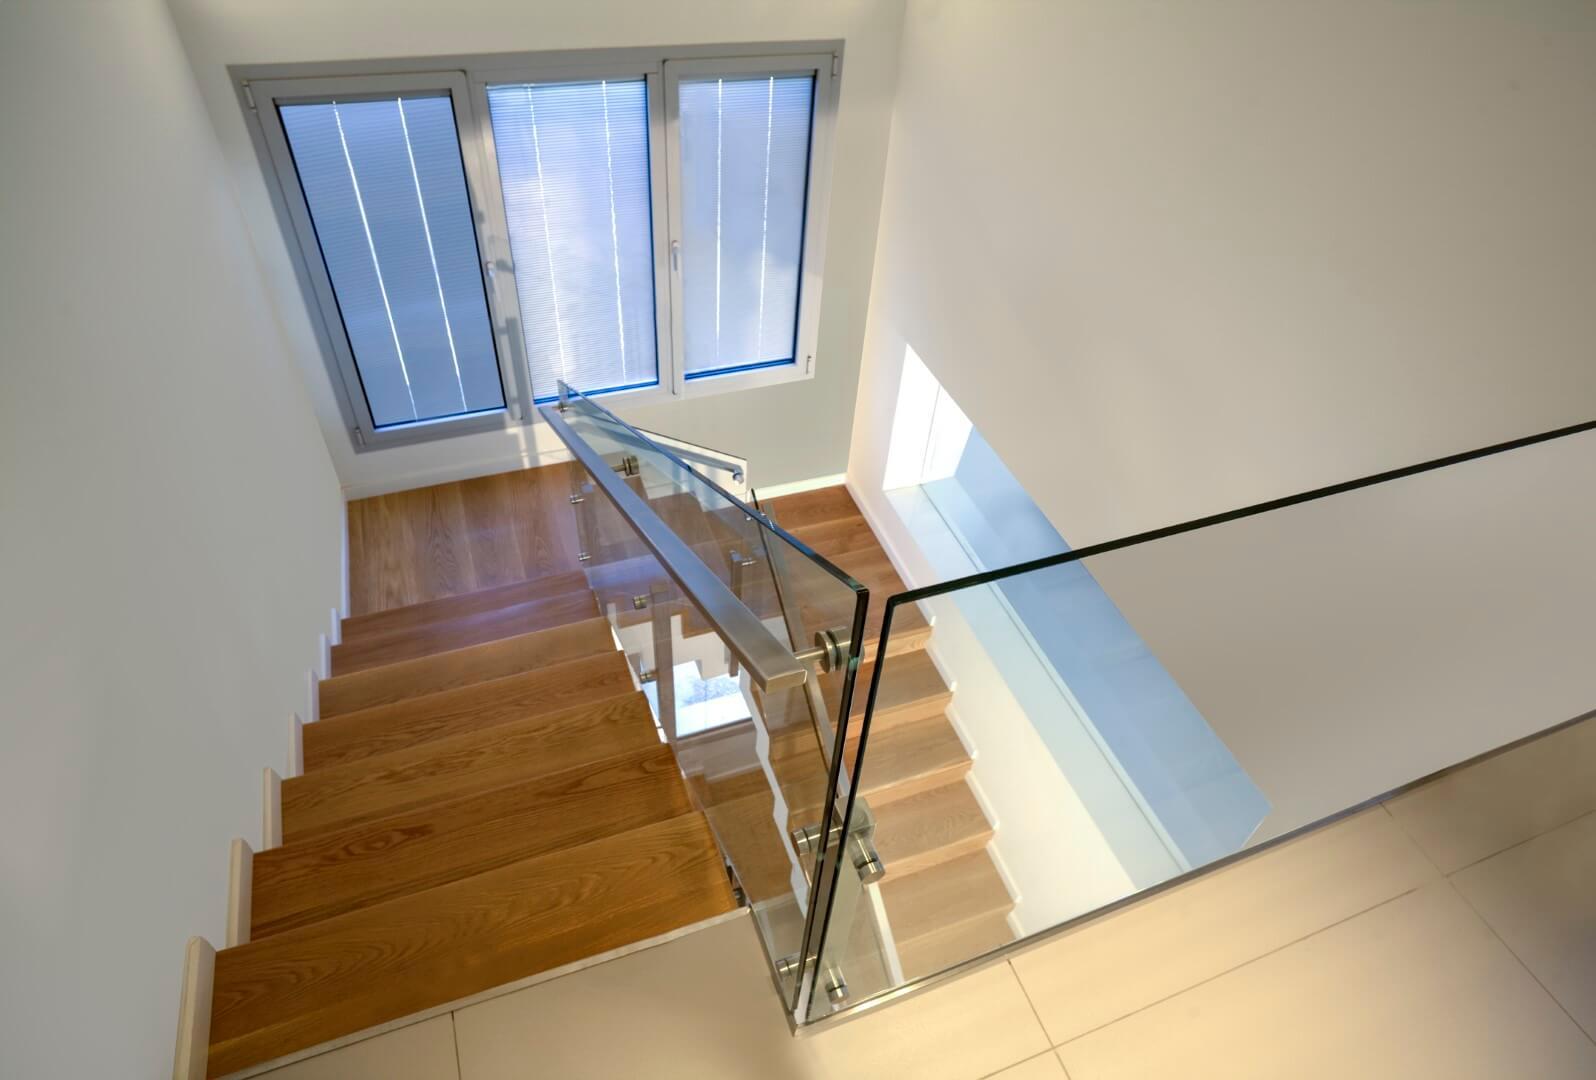 מבט מהמפלס העליון אל עבר שני גרמי מדרגות מחופות בעץ אלון אמריקאי טבעי עם מעקה זכוכית ונירוסטה